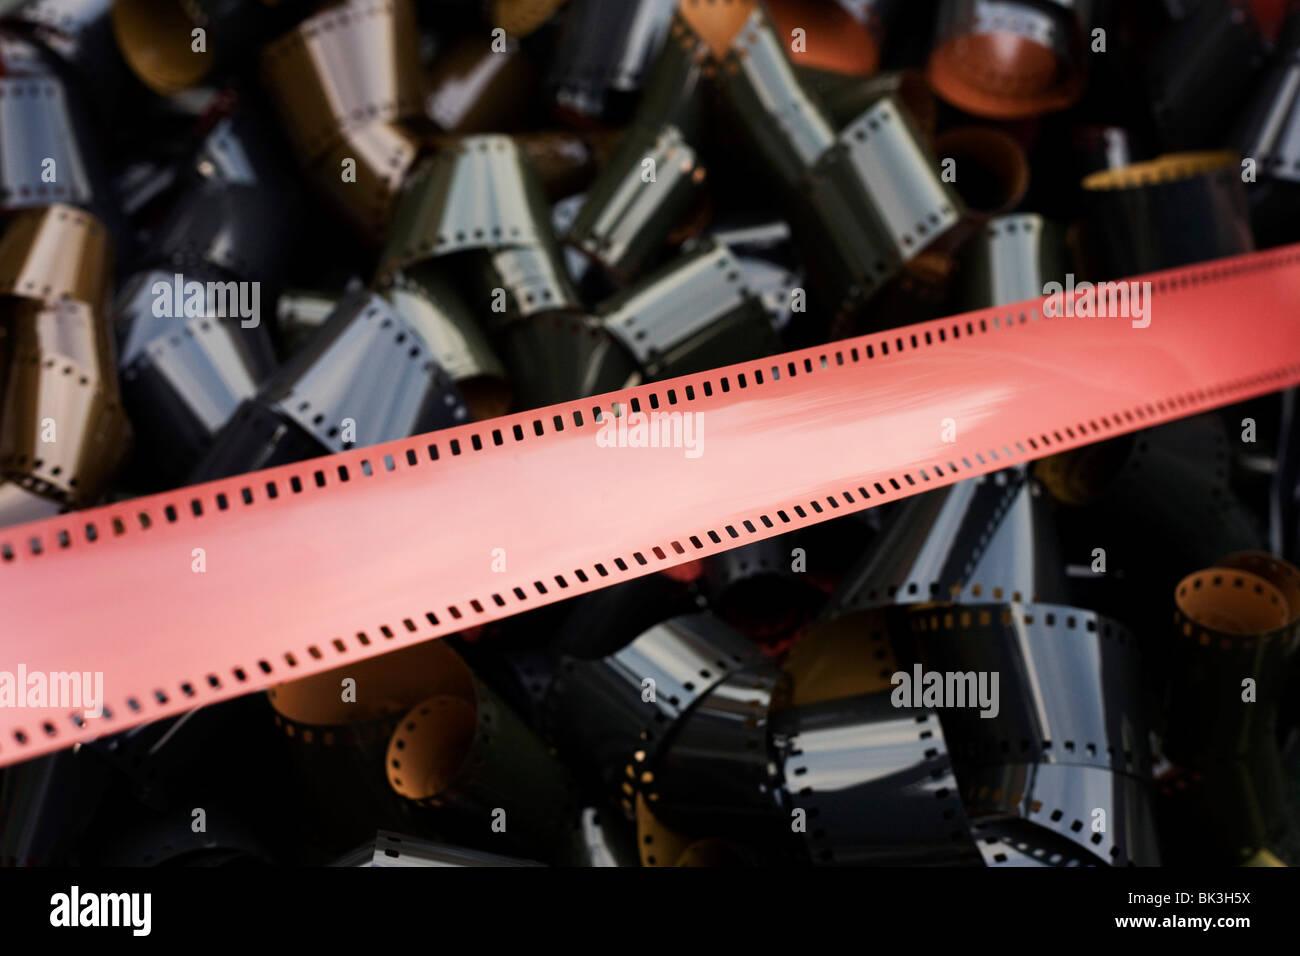 Rouleaux de sous-développés, le film de 35 mm, émulsion d'un vieil technologie analogique remplacée Photo Stock